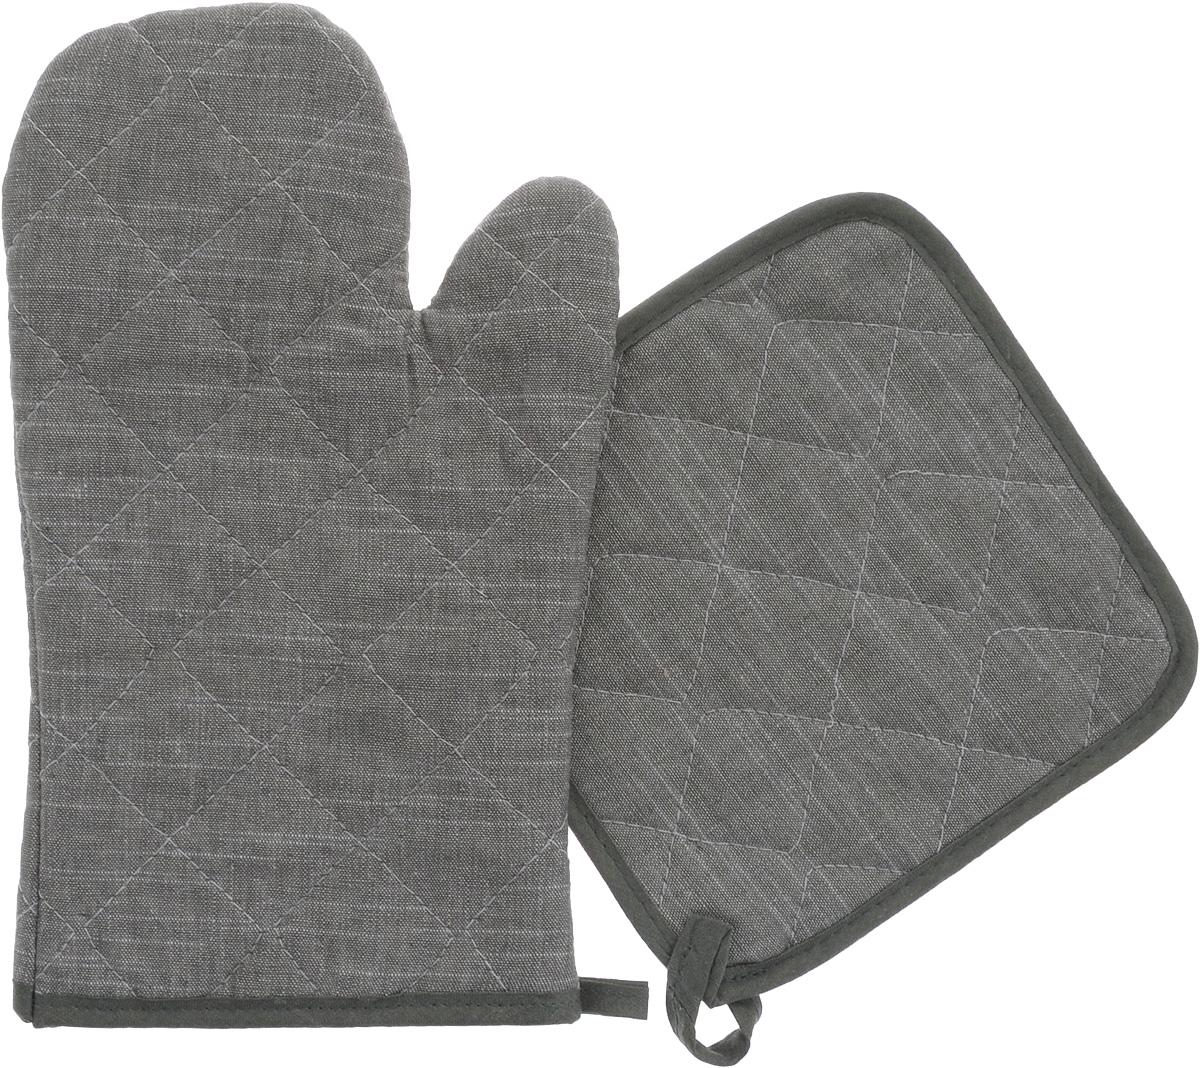 Набор прихваток Home Queen Деним, 2 предмета65029_серыйНабор Home Queen Деним состоит из квадратной прихватки и прихватки-варежки. Изделия выполнены из хлопка, льна и полиэстера. Прихватки оснащены петельками, за которые их можно повесить в любое удобное место. Такой набор станет отличный вариантом подарка для практичной и современной хозяйки.